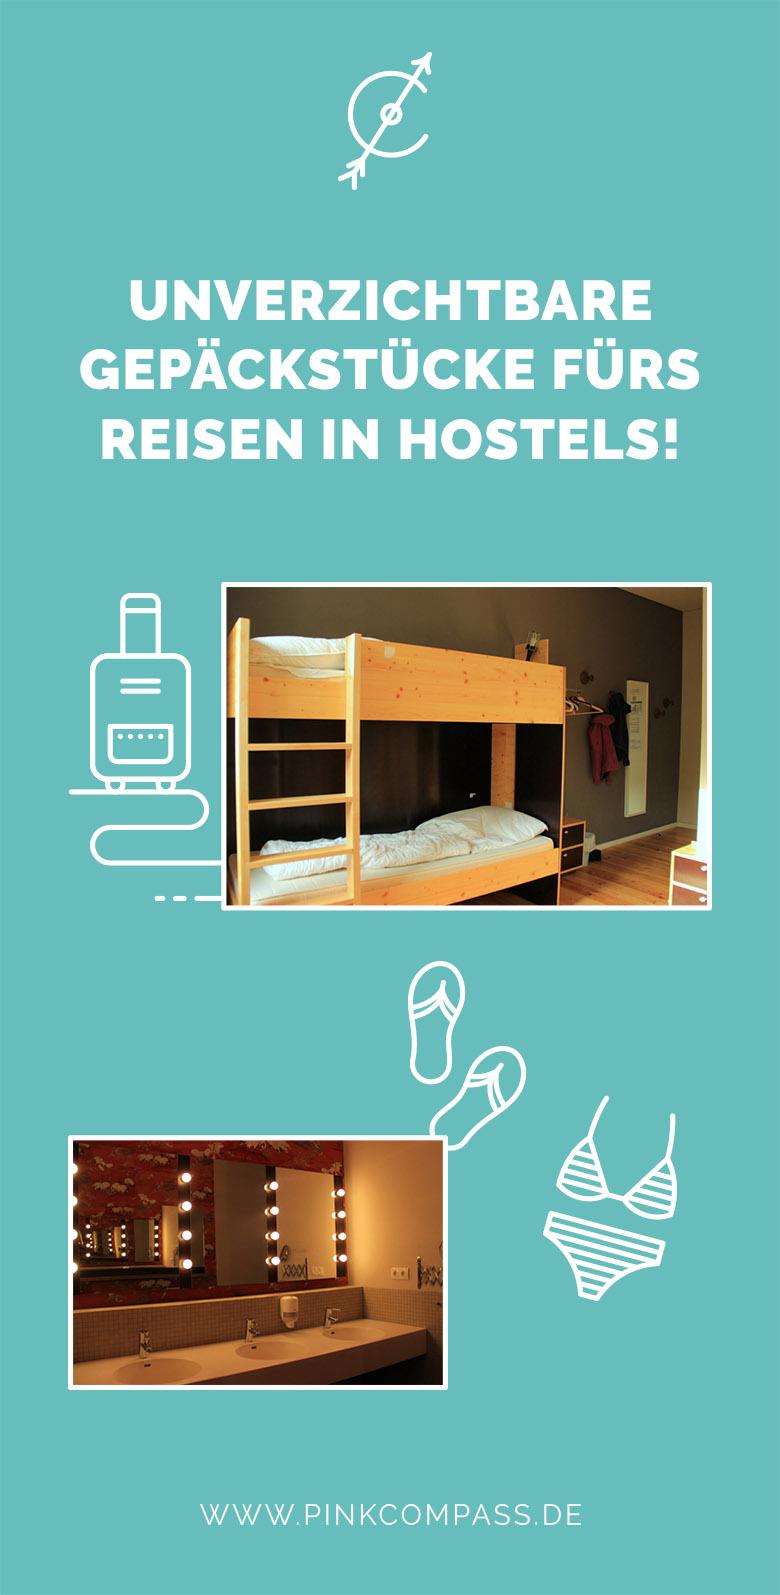 Reisen in Hostels: Eine Liste an unverzichtbaren Gepäckstücke